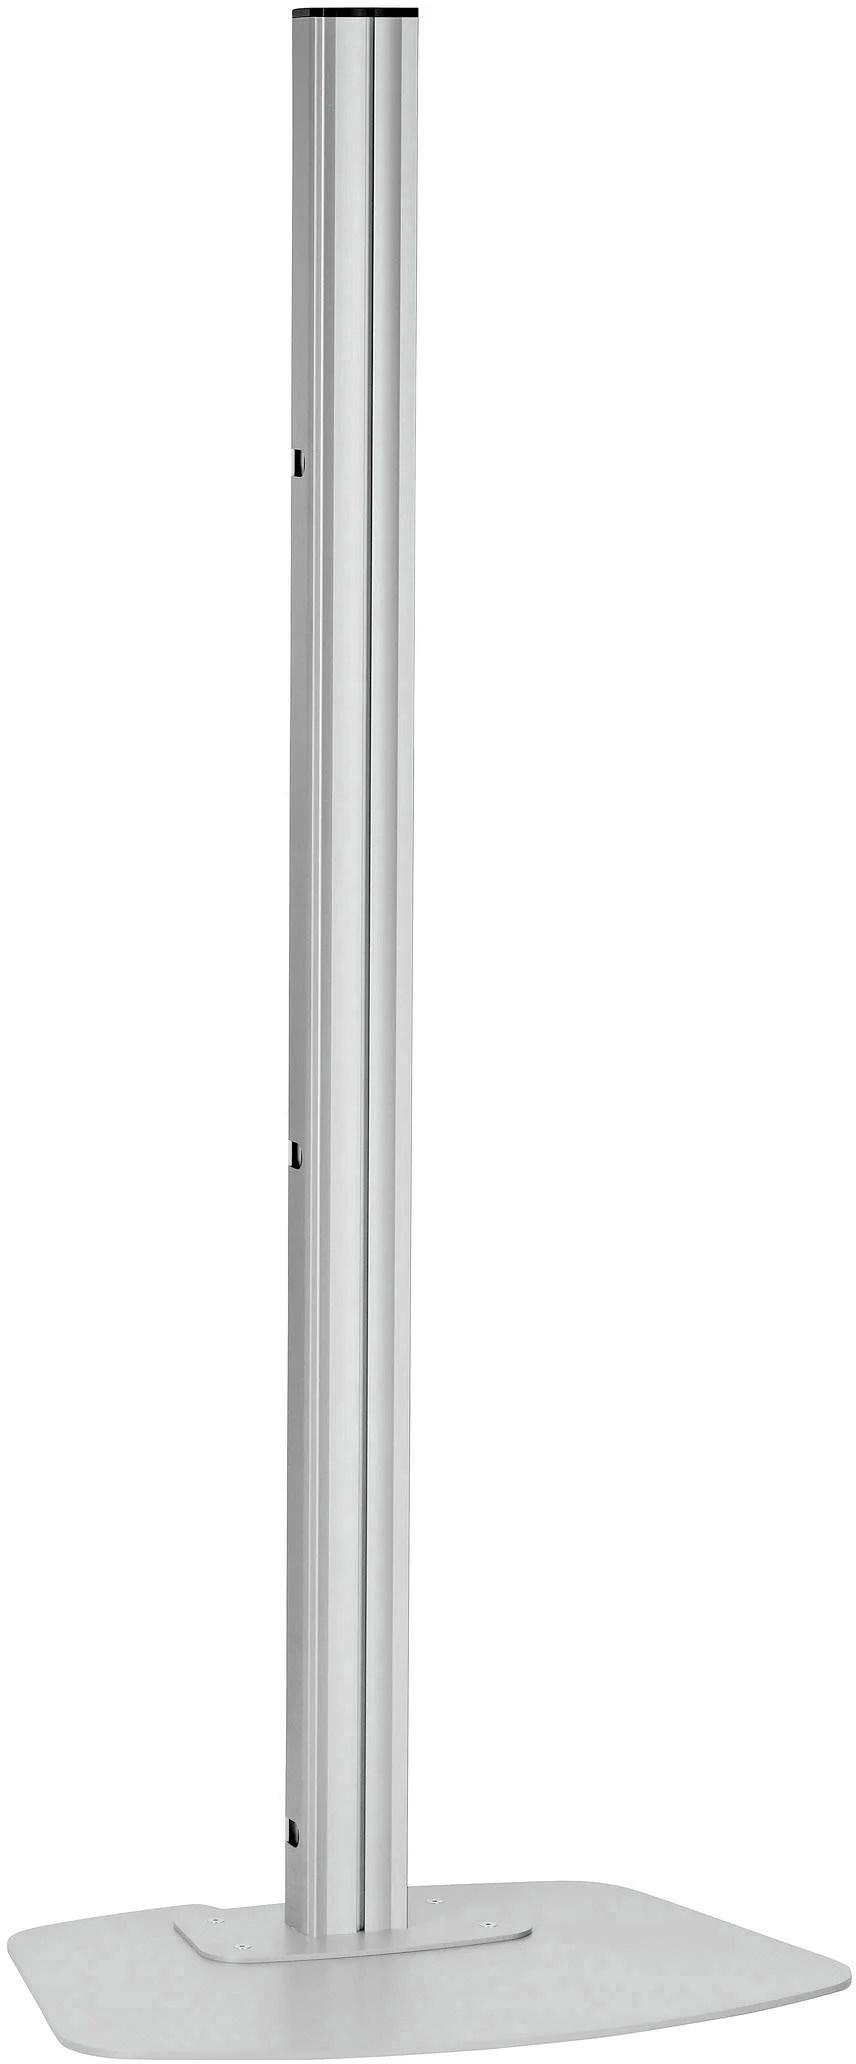 barre de fixation vogel s 73201911 argent adapte pour serie systeme de support d ecran modulaire pour plafond vogel s c